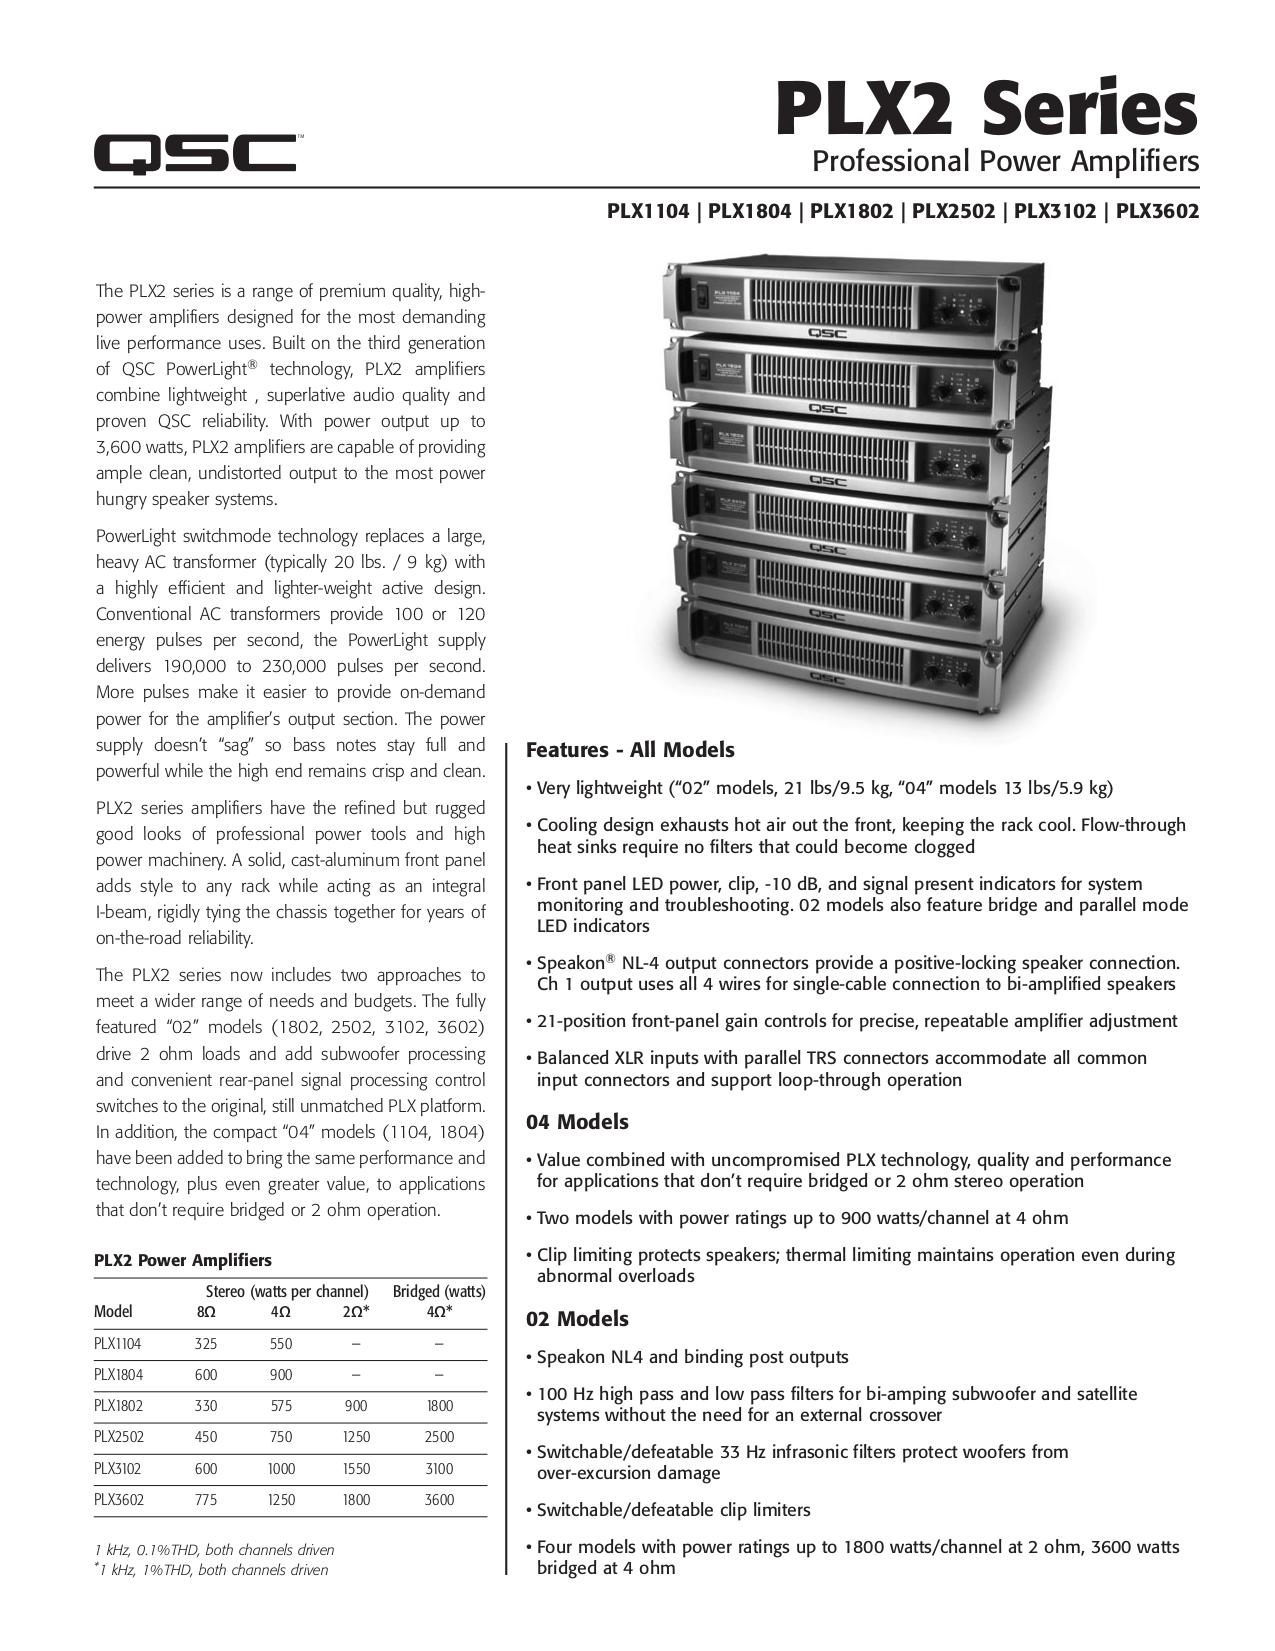 pdf for QSC Amp PLX-3602 manual